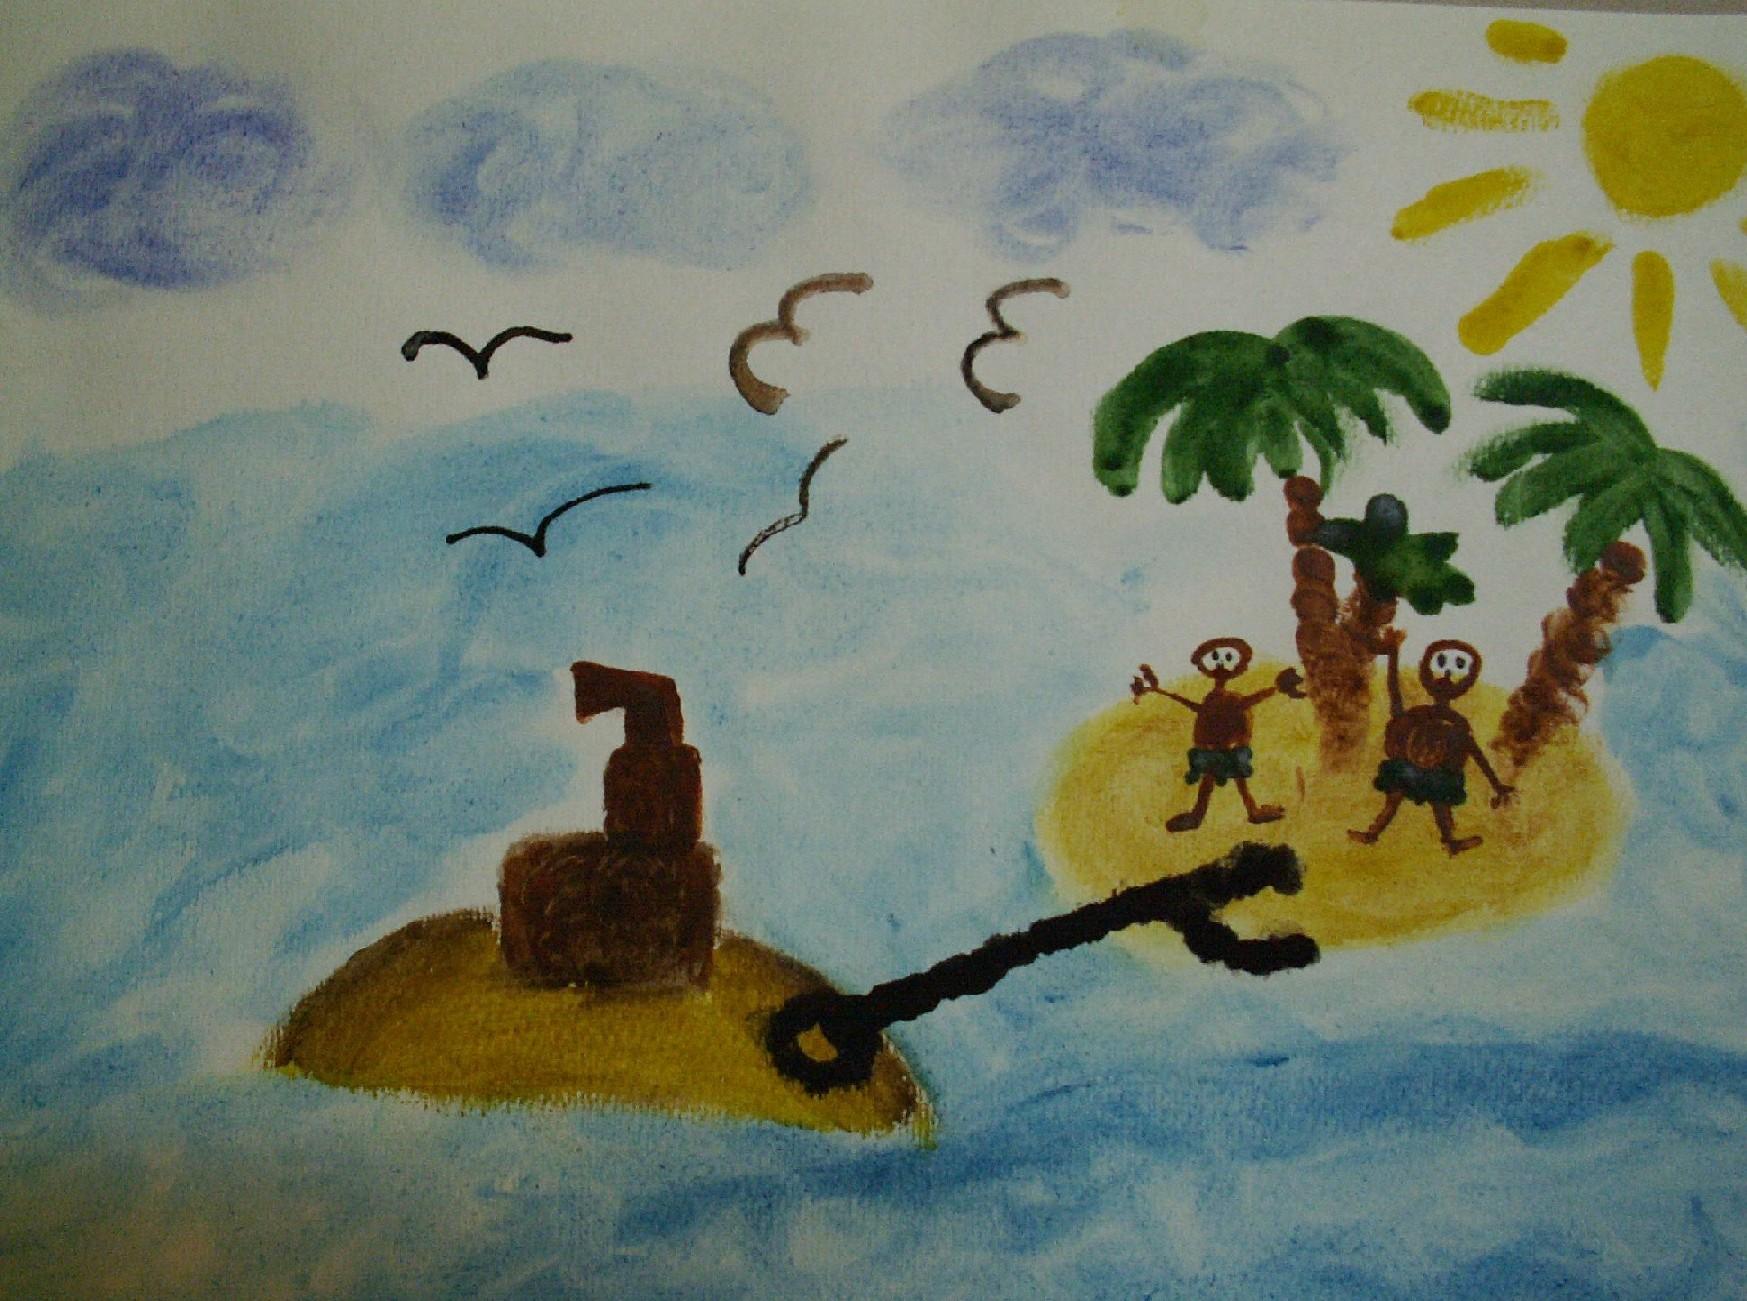 Лёша под впечатлением от отдыха на море. Конкурс детского рисунка с ВООБРАЖАЛКИНЫМ